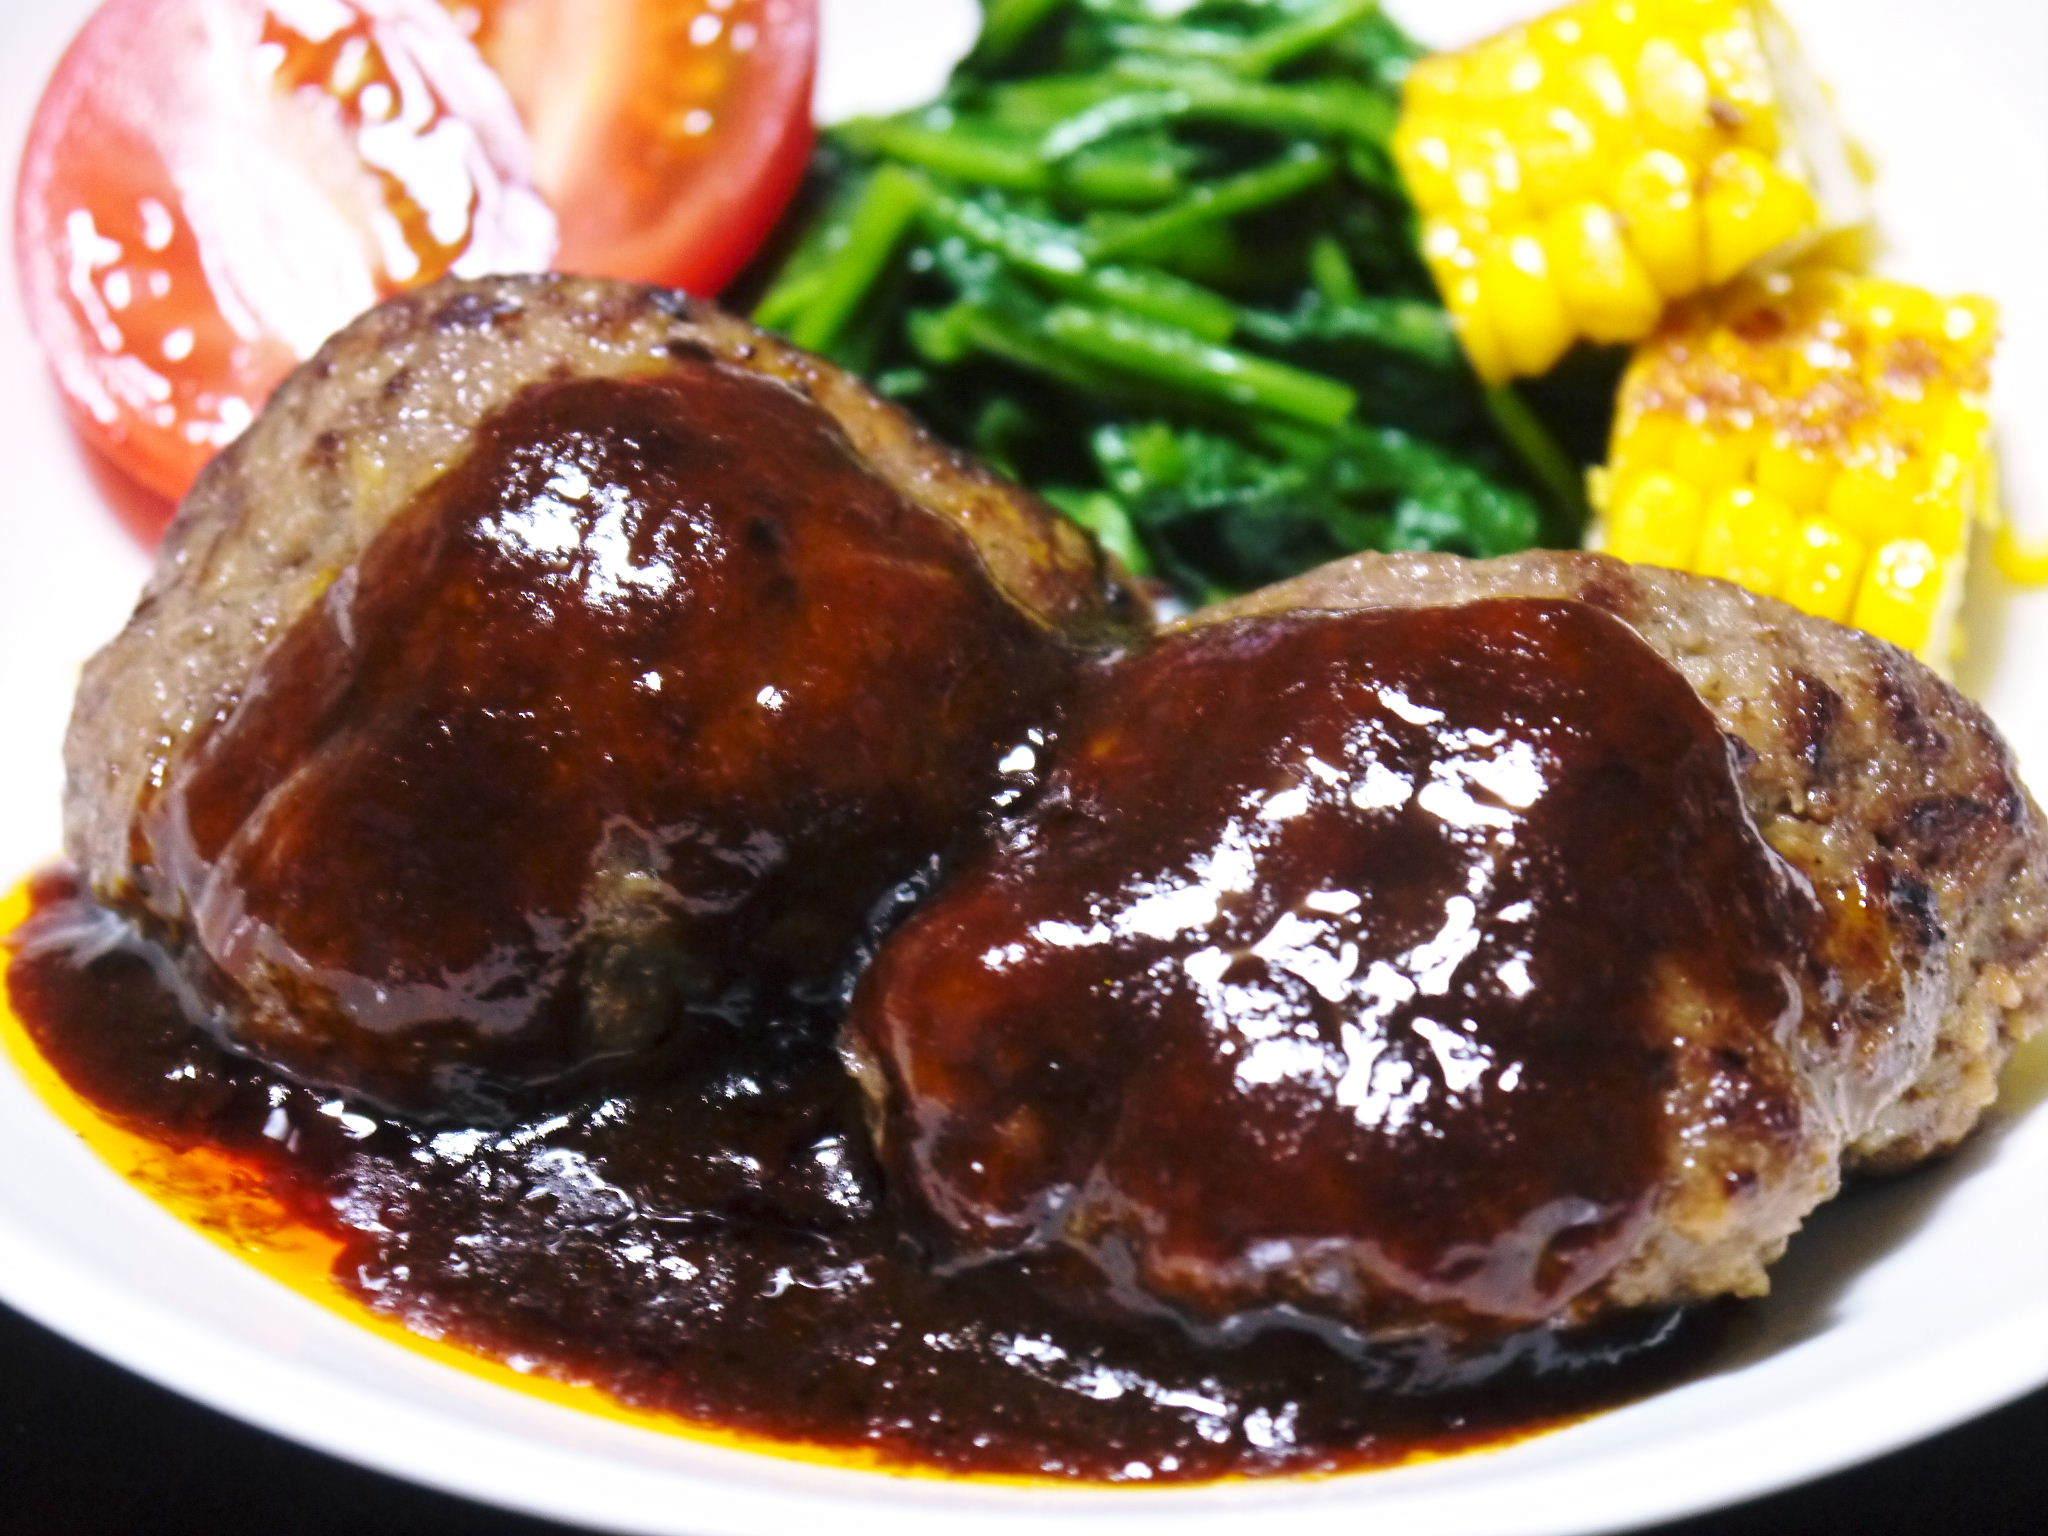 熊本県産の黒毛和牛を100%のハンバーグステーキ!令和3年7月度、追加受注決定!ギフト包装も対応します_a0254656_18003913.jpg